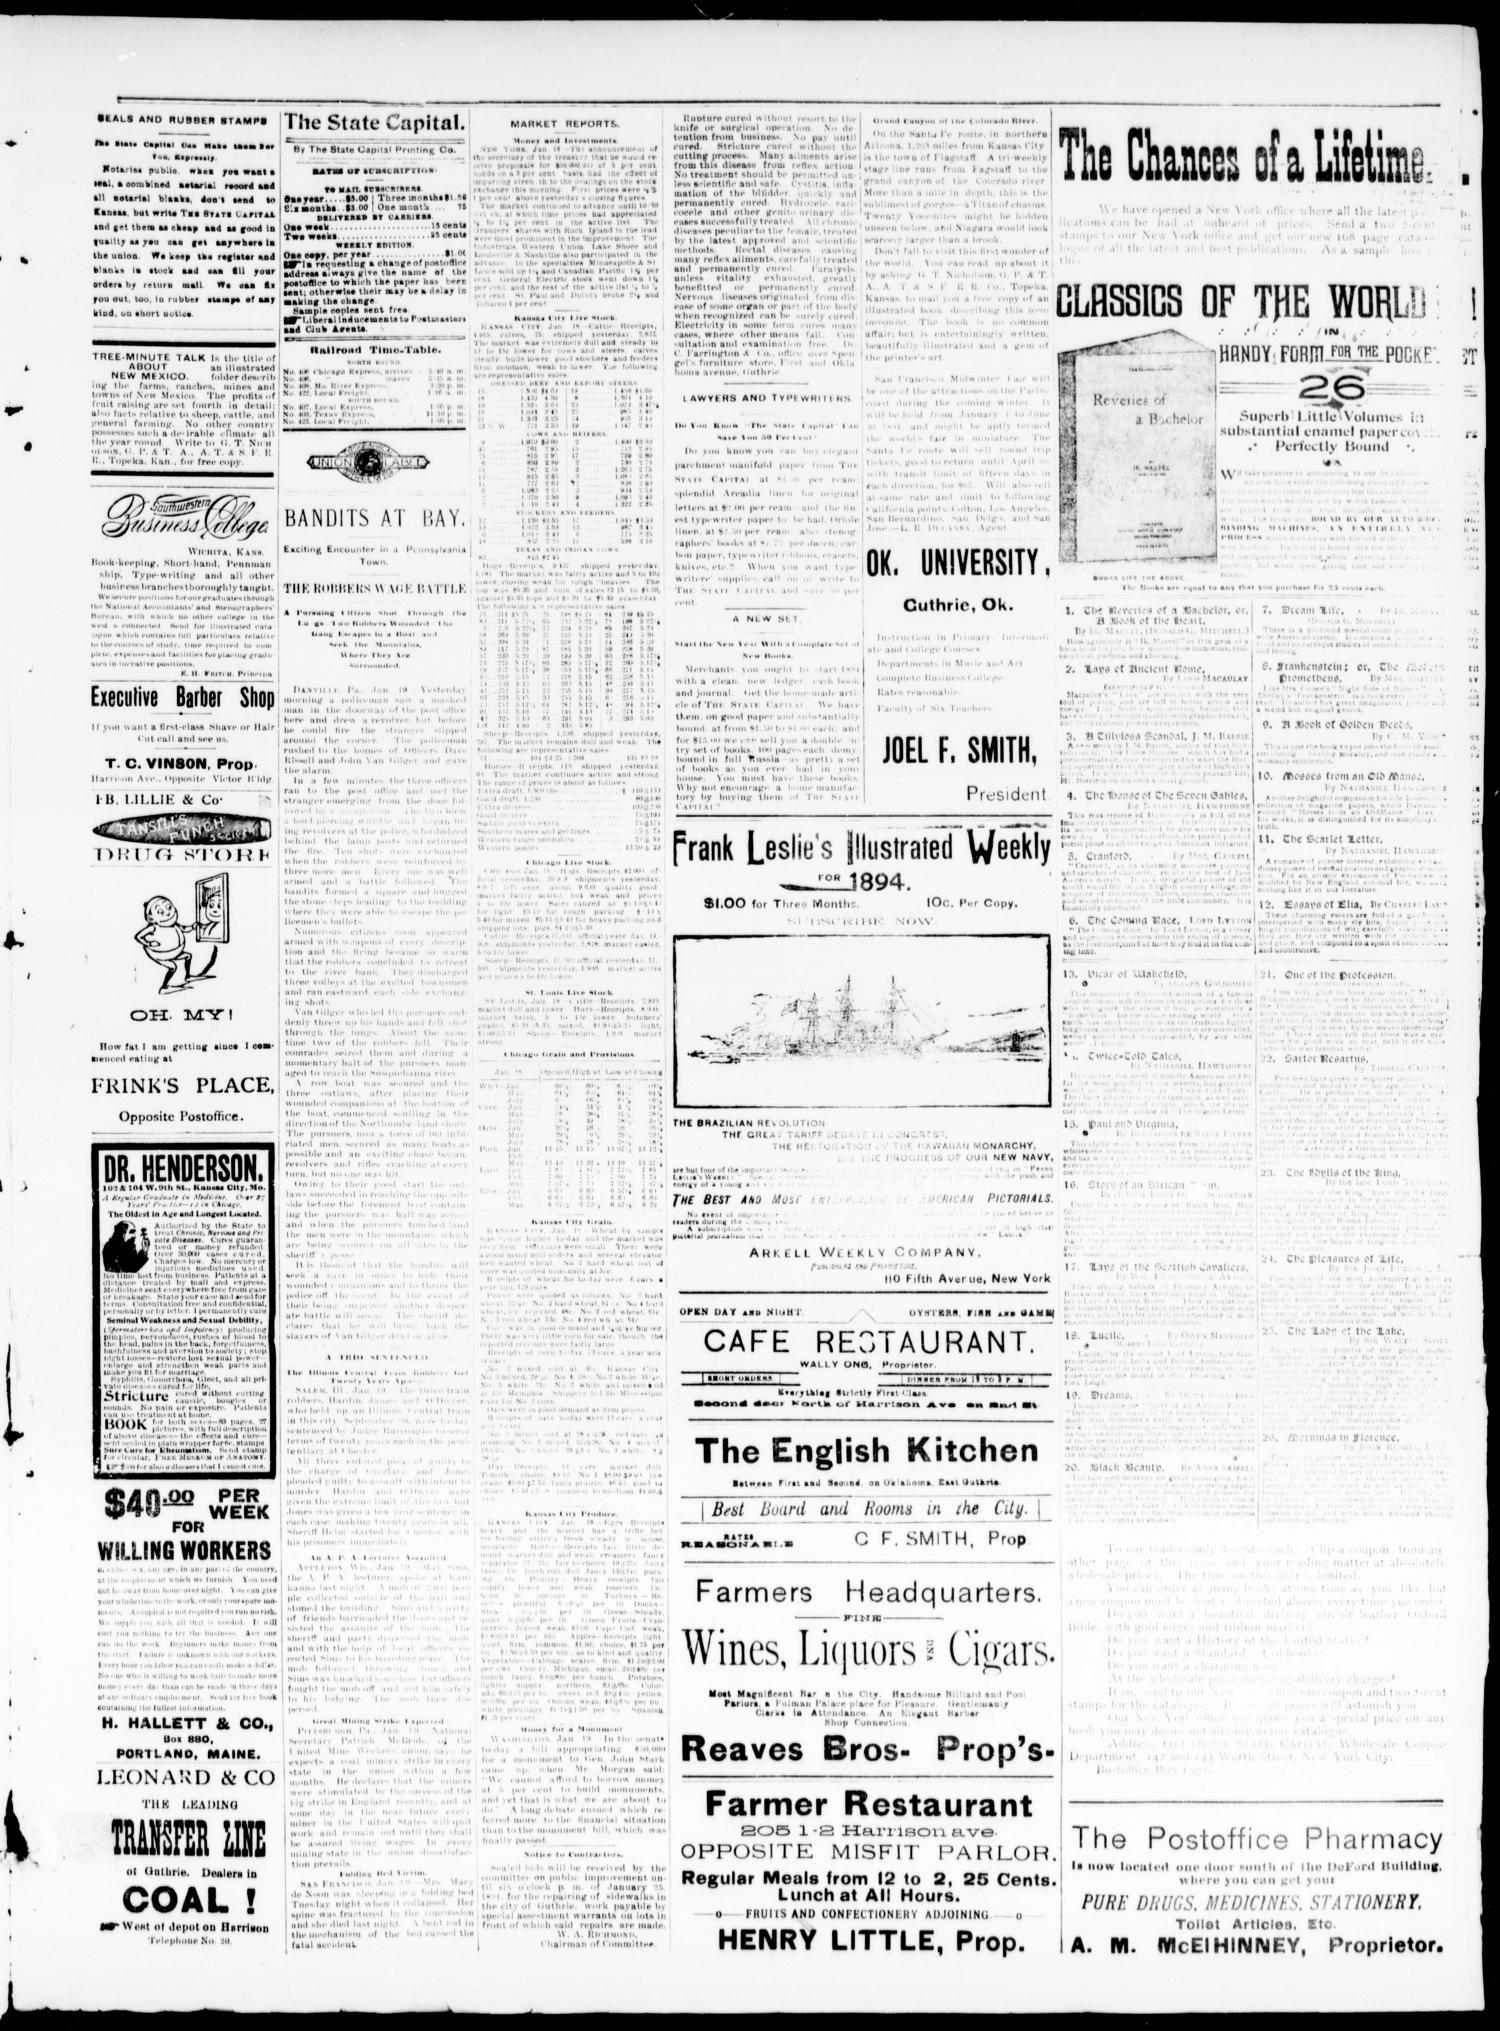 The Daily Oklahoma State Capital  (Guthrie, Okla ), Vol  5